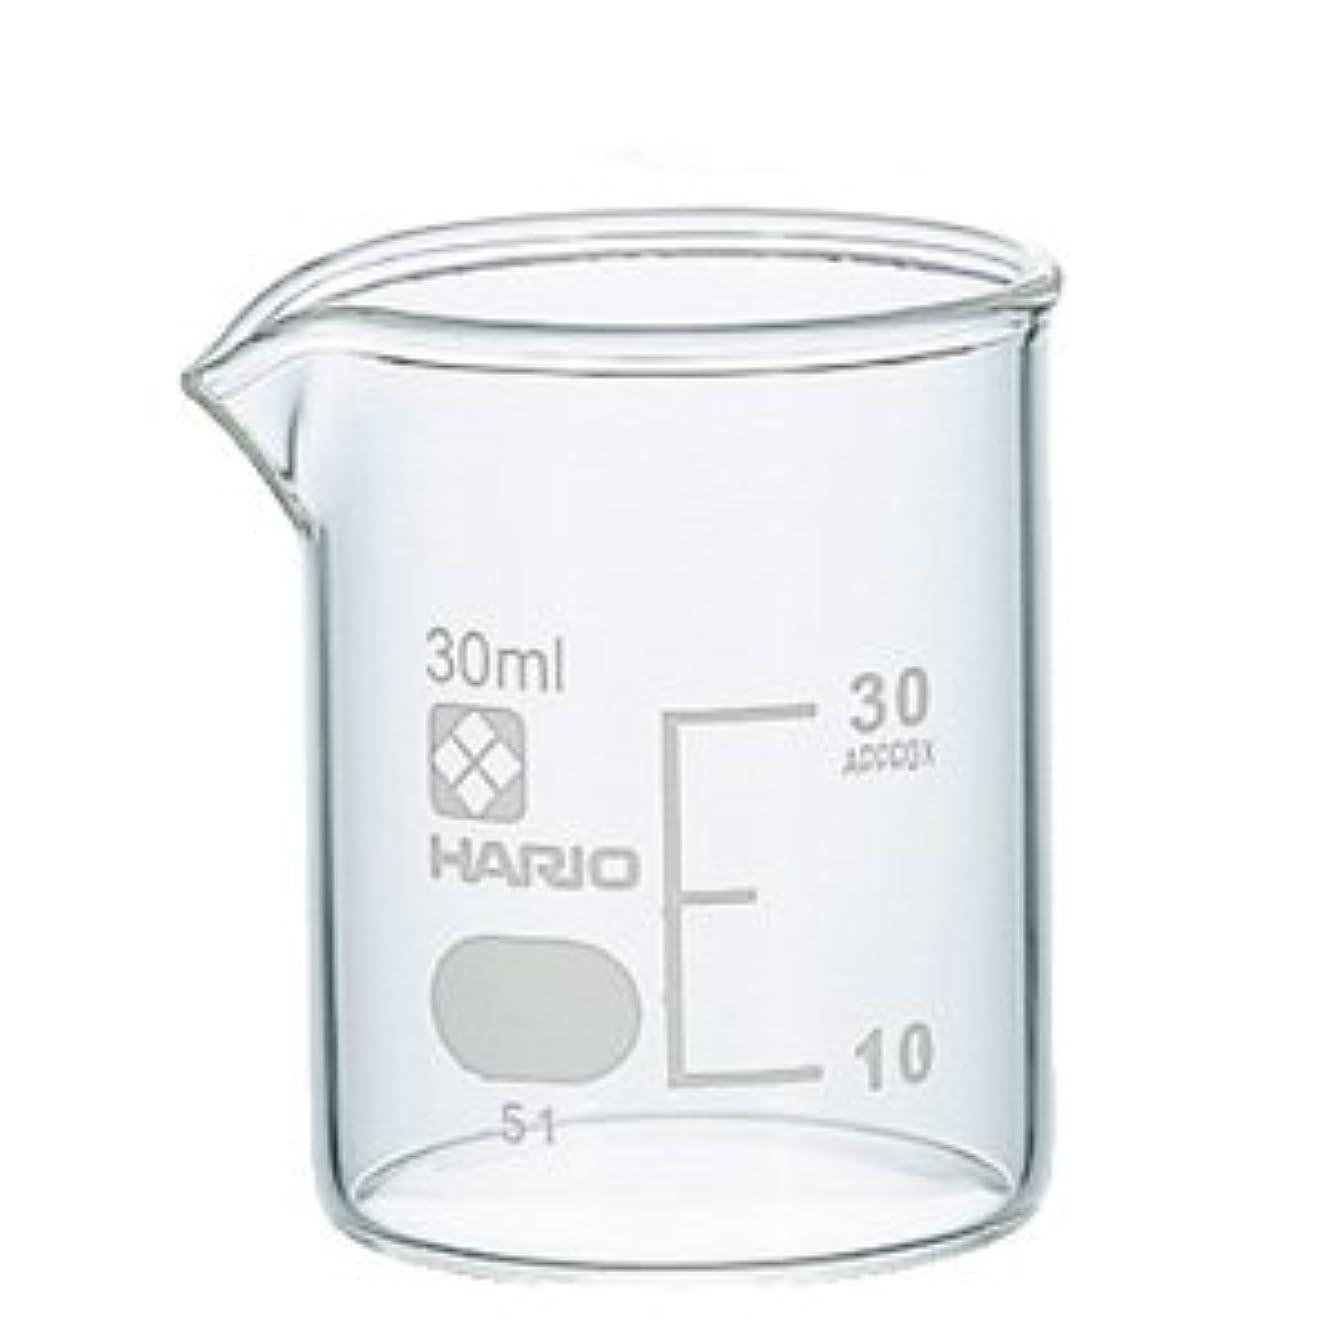 ホスト家庭教師粘着性ガラスビーカー 30ml 【手作り石鹸/手作りコスメ/手作り化粧品】